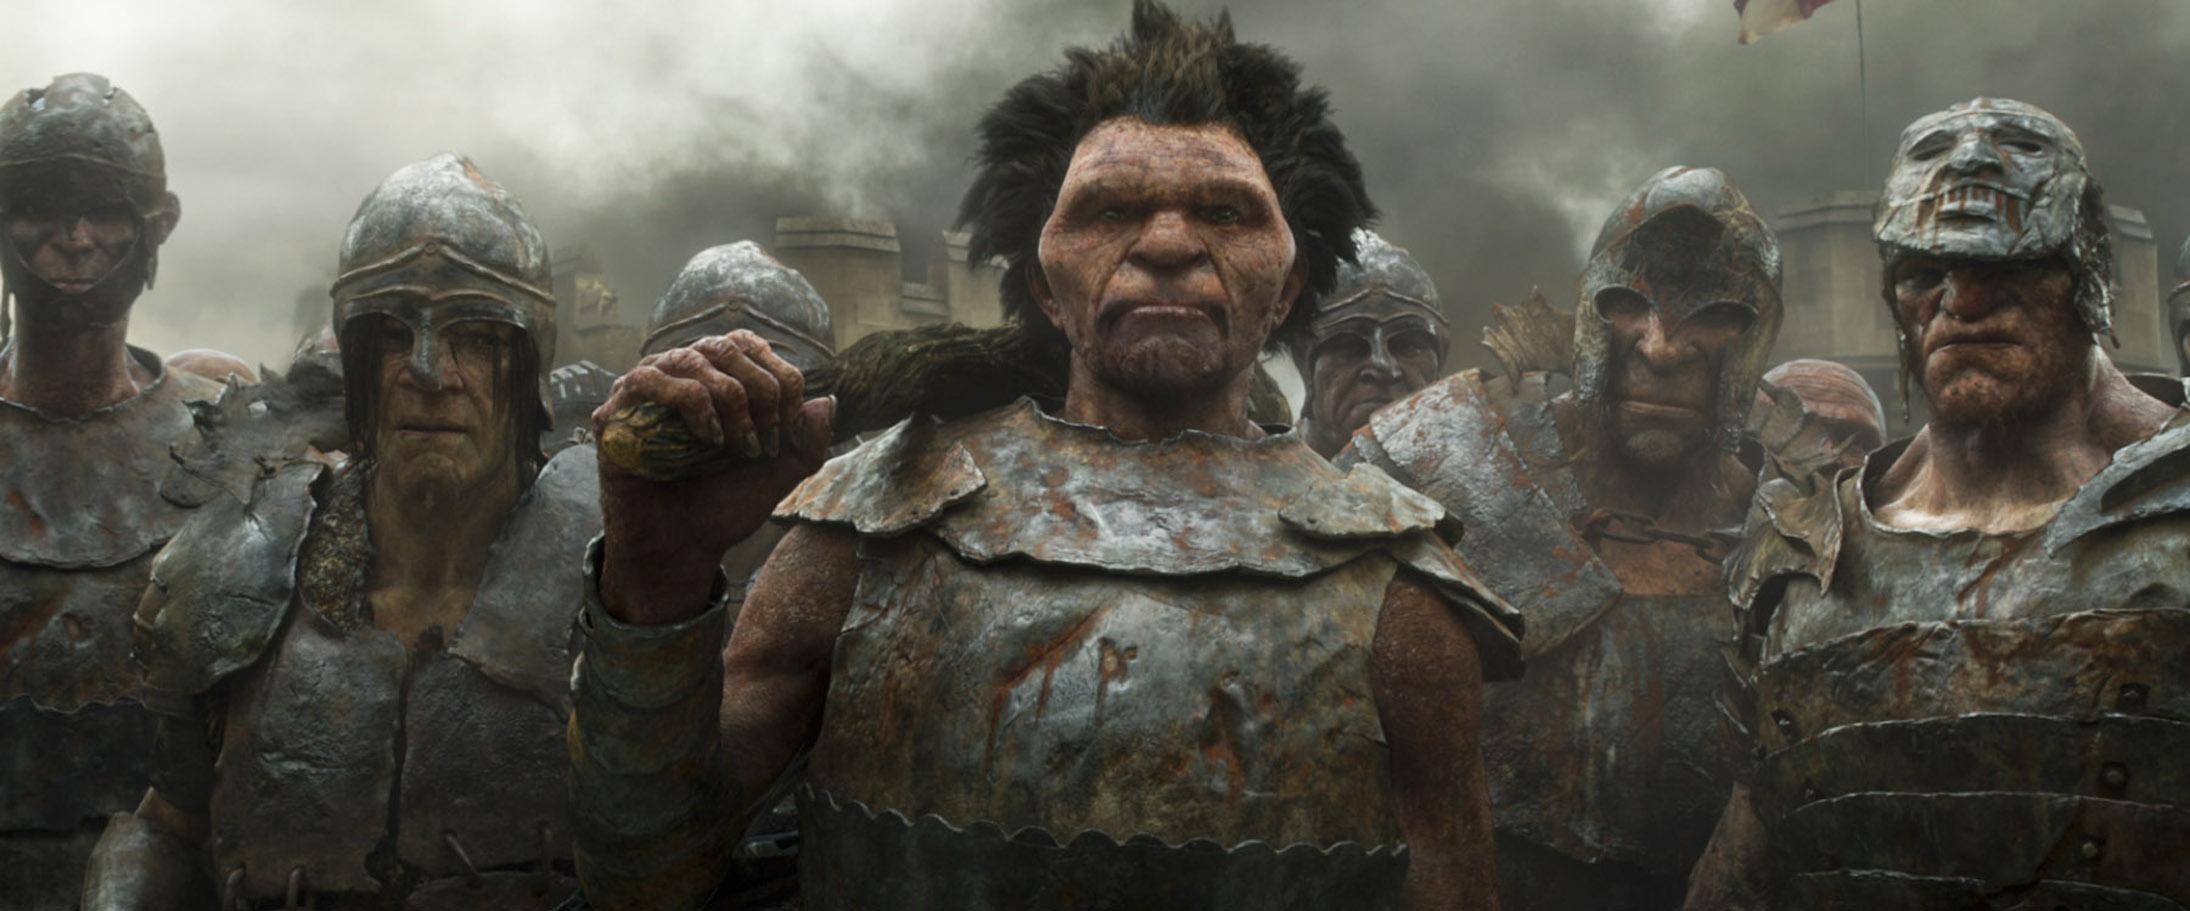 Jack the Giant Slayer (2013) - IMDb